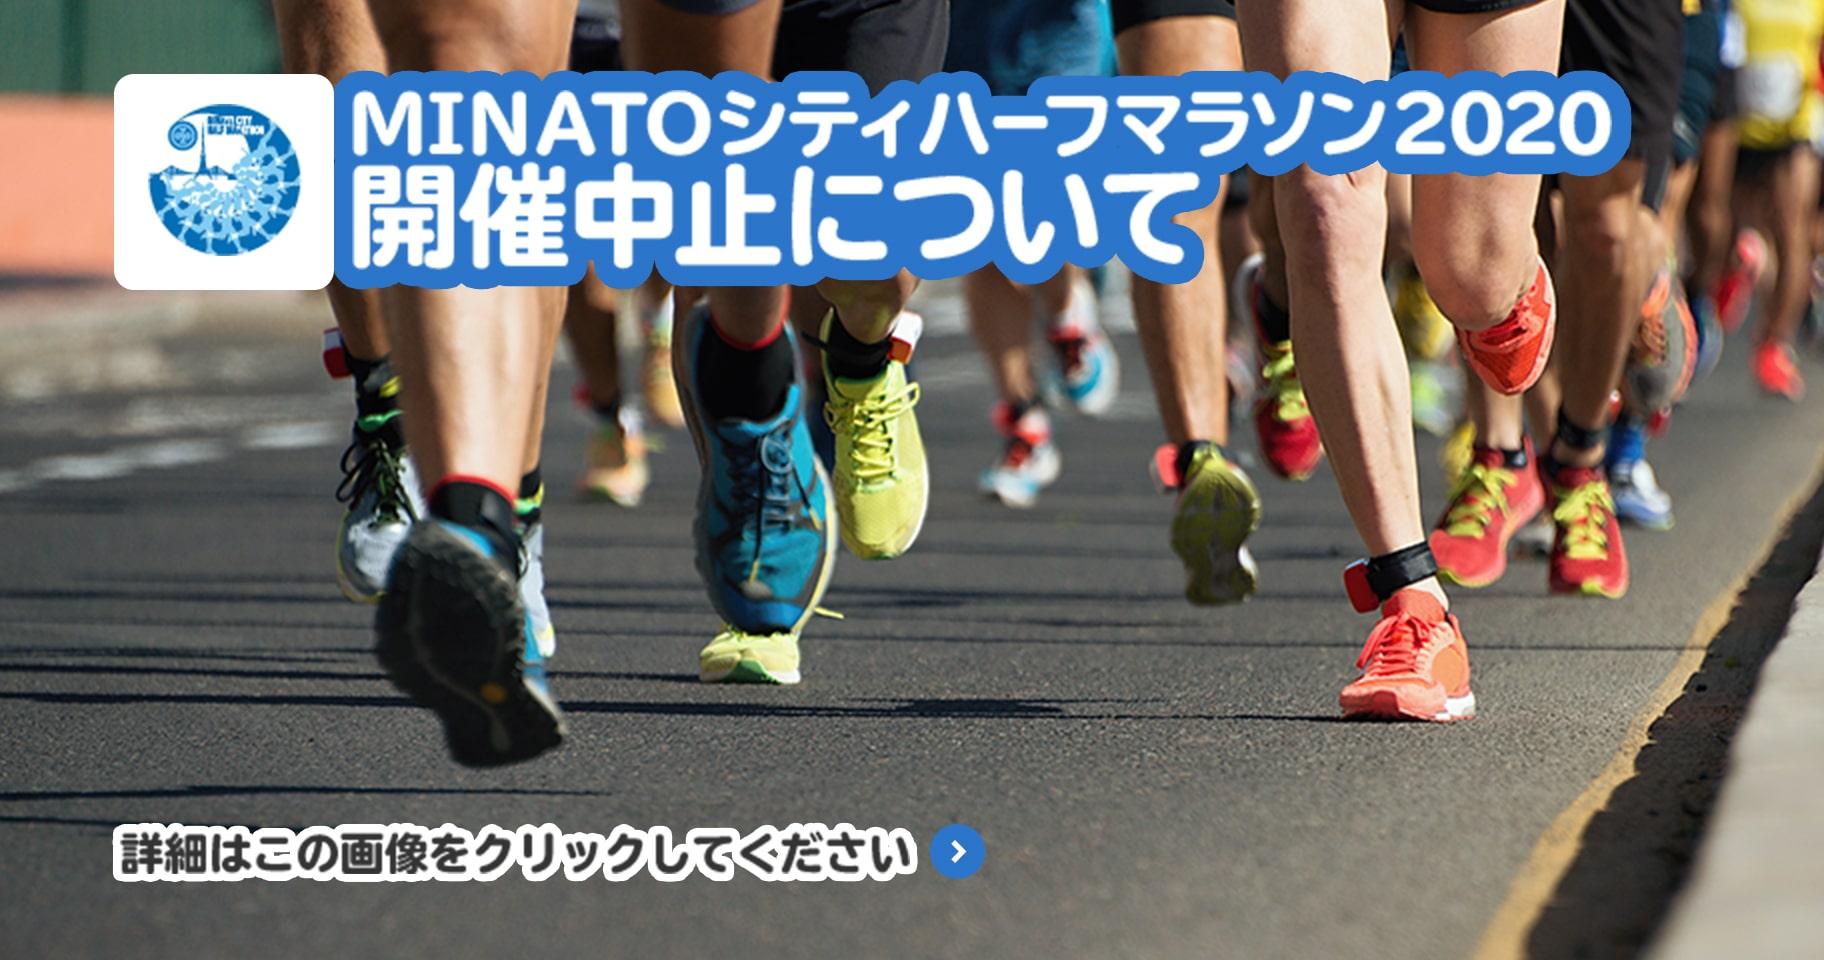 MINATOシティハーフマラソン2020開催中止について